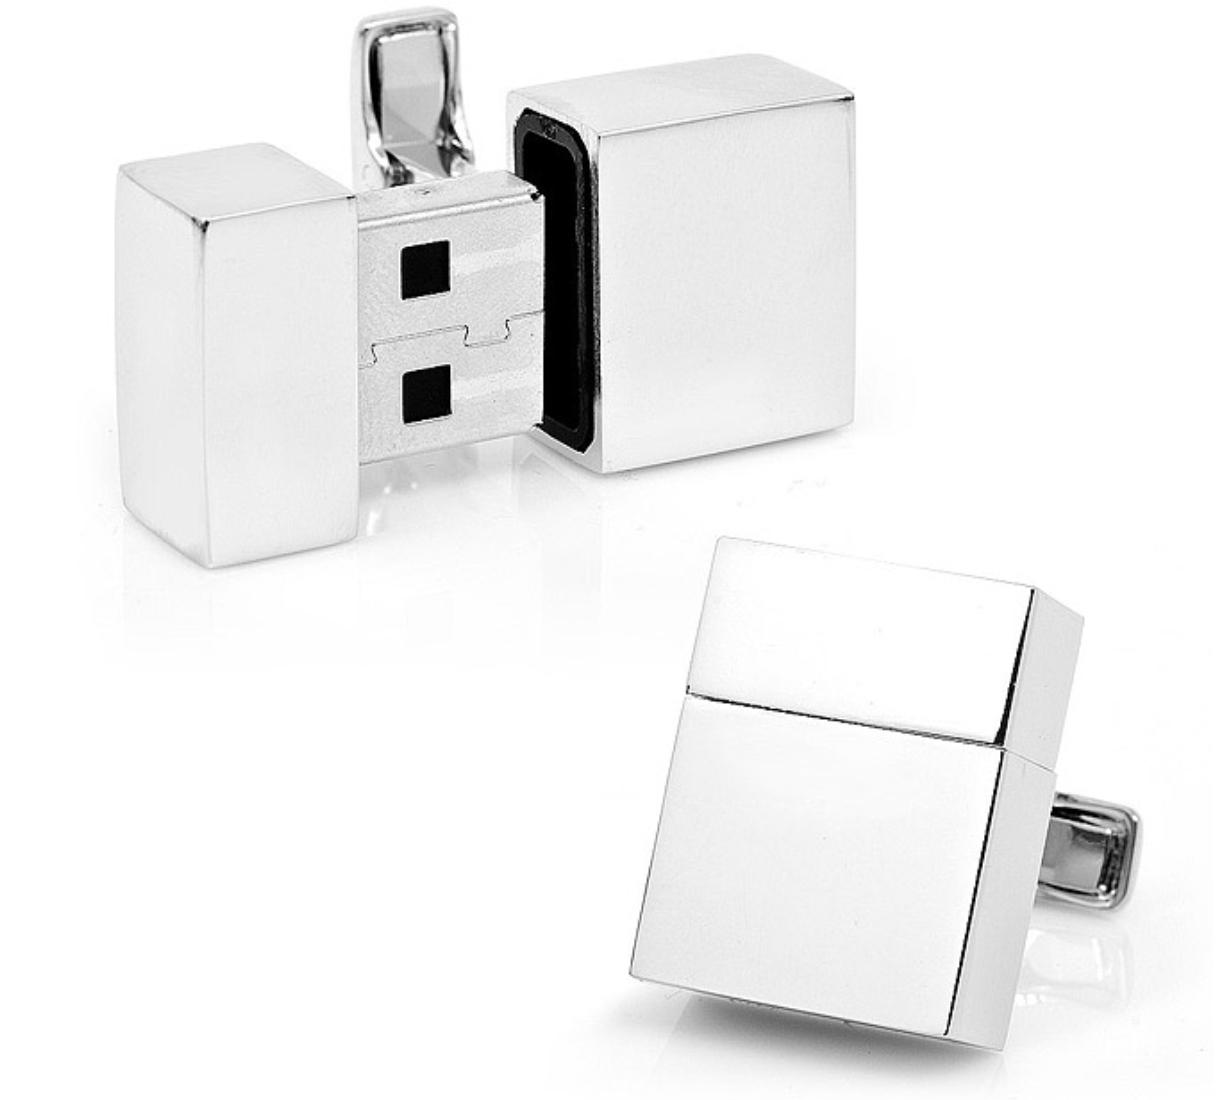 SILVER USB CUFFLINKS